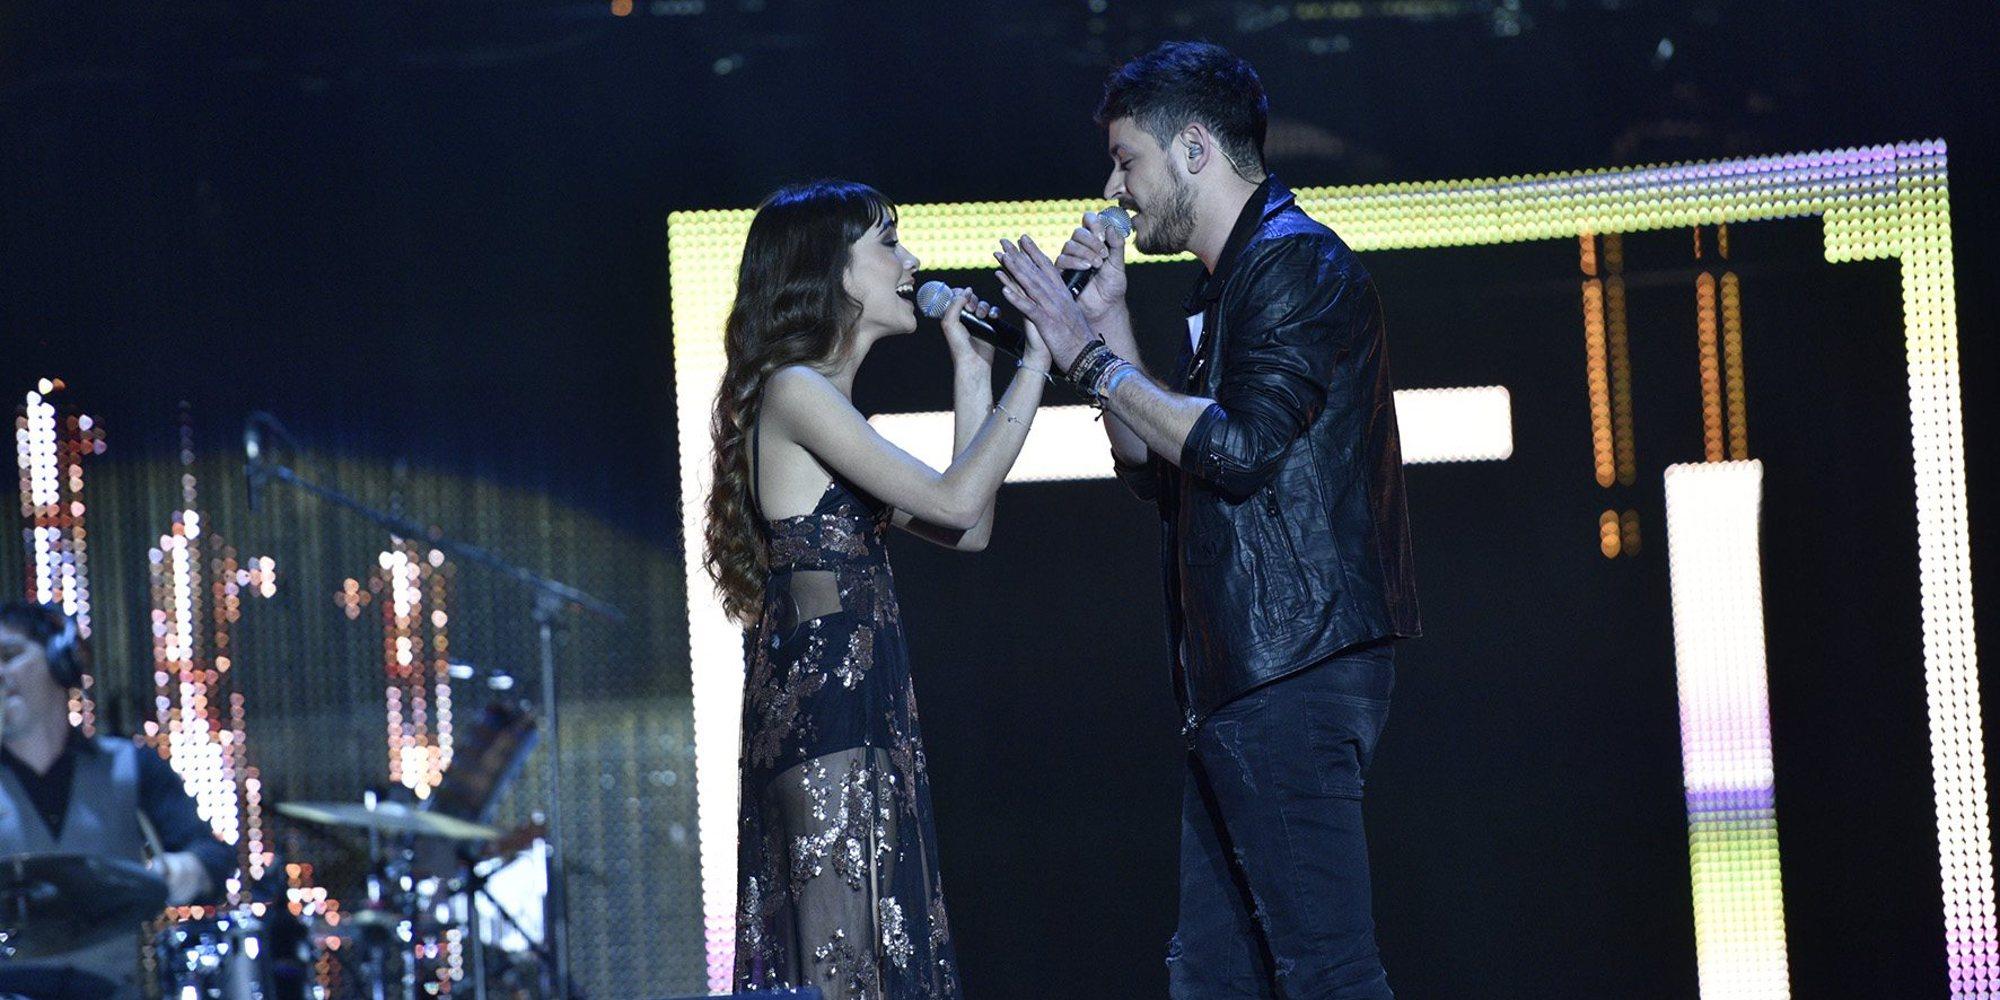 El polémico beso de Aitana y Cepeda en el concierto de 'OT' en A Coruña: ¿cariño o amor?